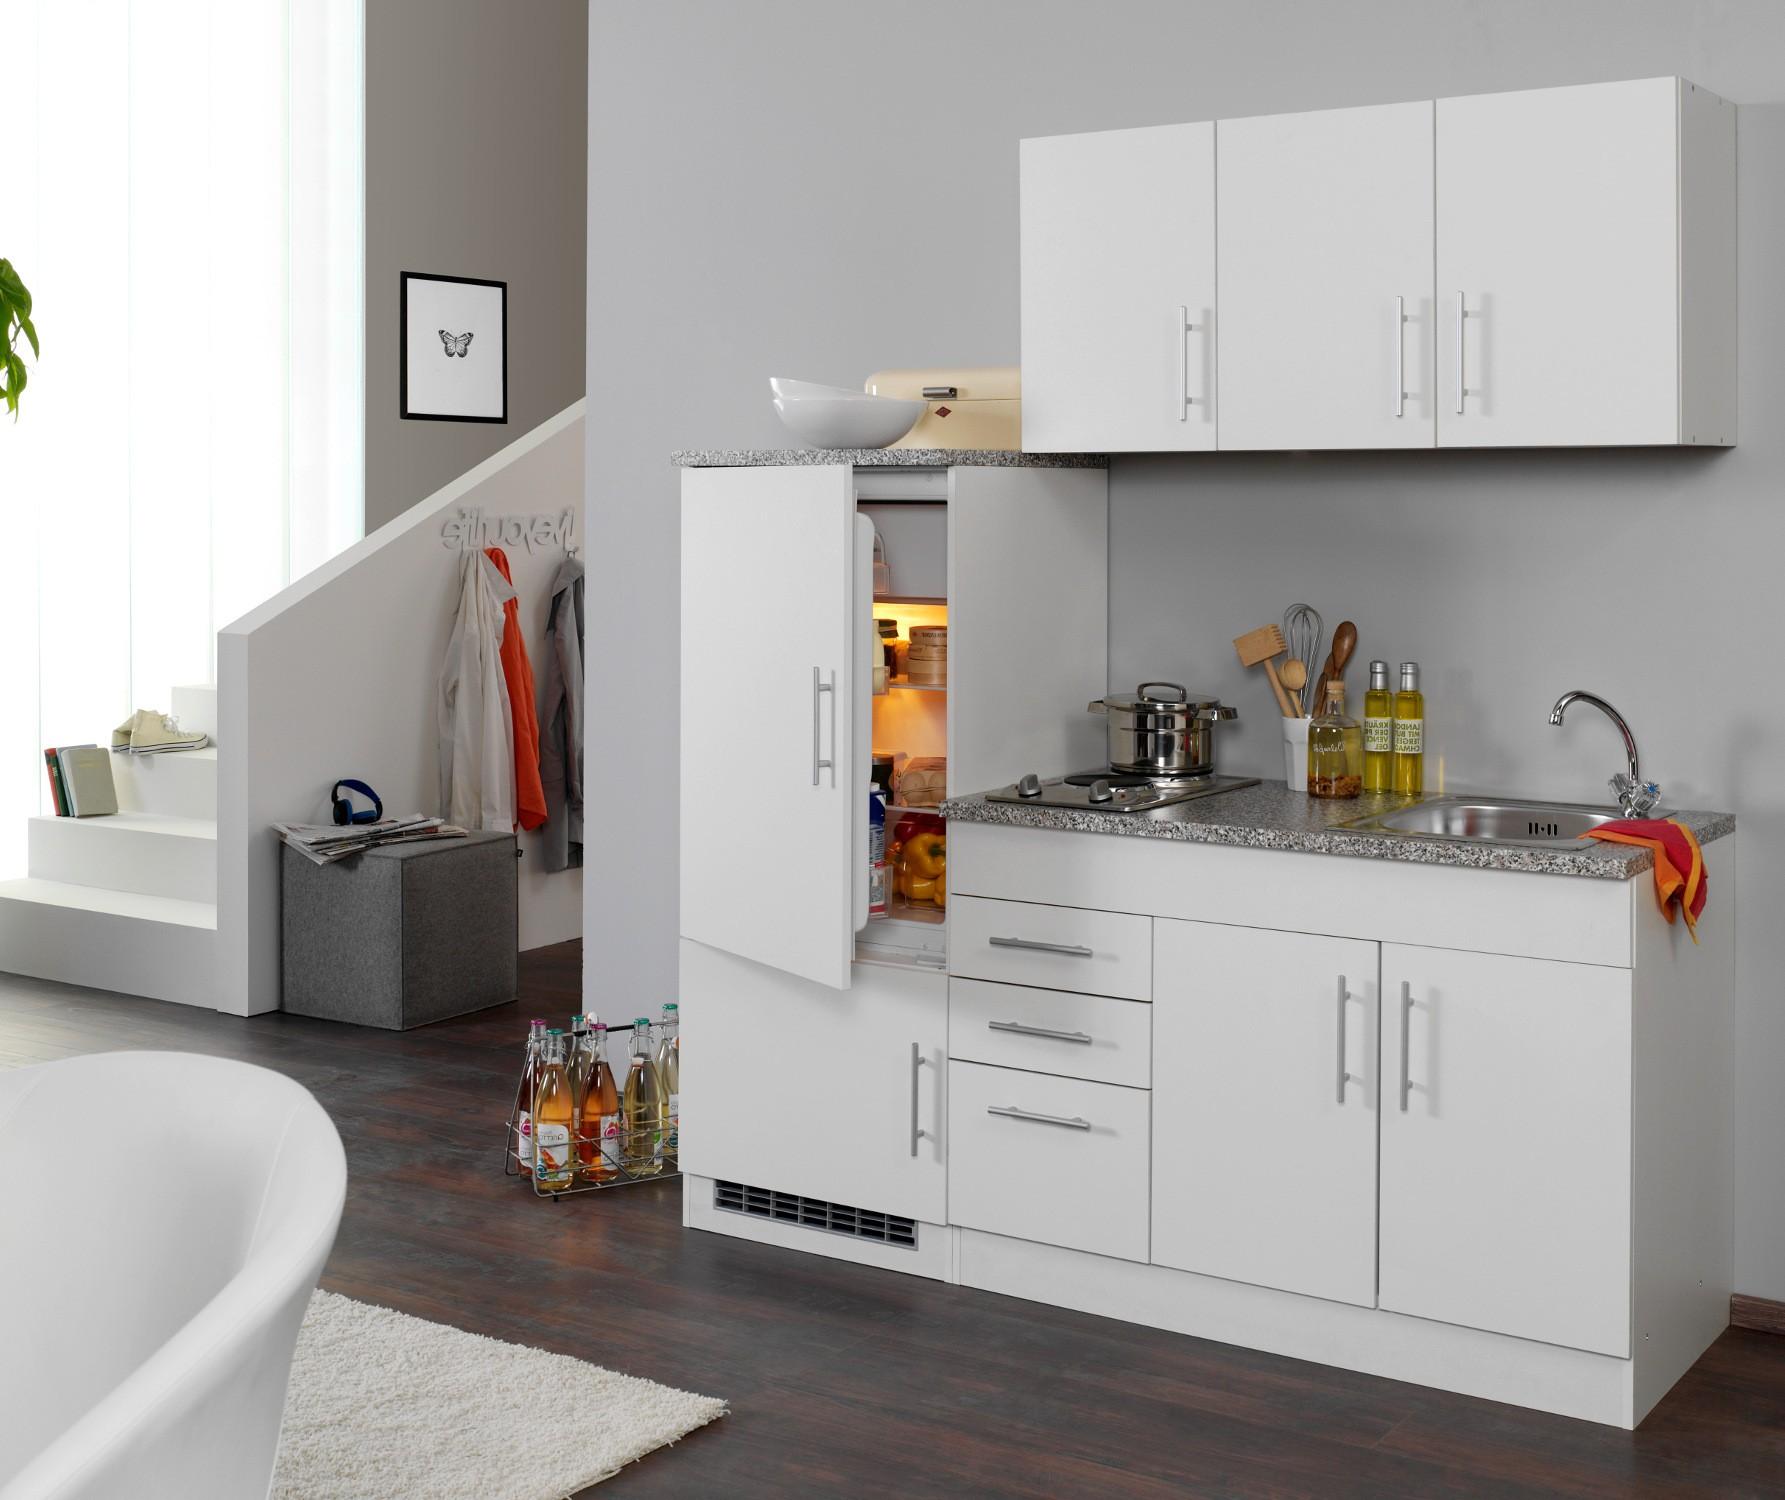 Full Size of Miniküche Mit Kühlschrank Bauknecht Miniküche Mit Kühlschrank Möbel Boss Miniküche Mit Kühlschrank 130 Cm Miniküche Mit Kühlschrank Und Mikrowelle Küche Miniküche Mit Kühlschrank